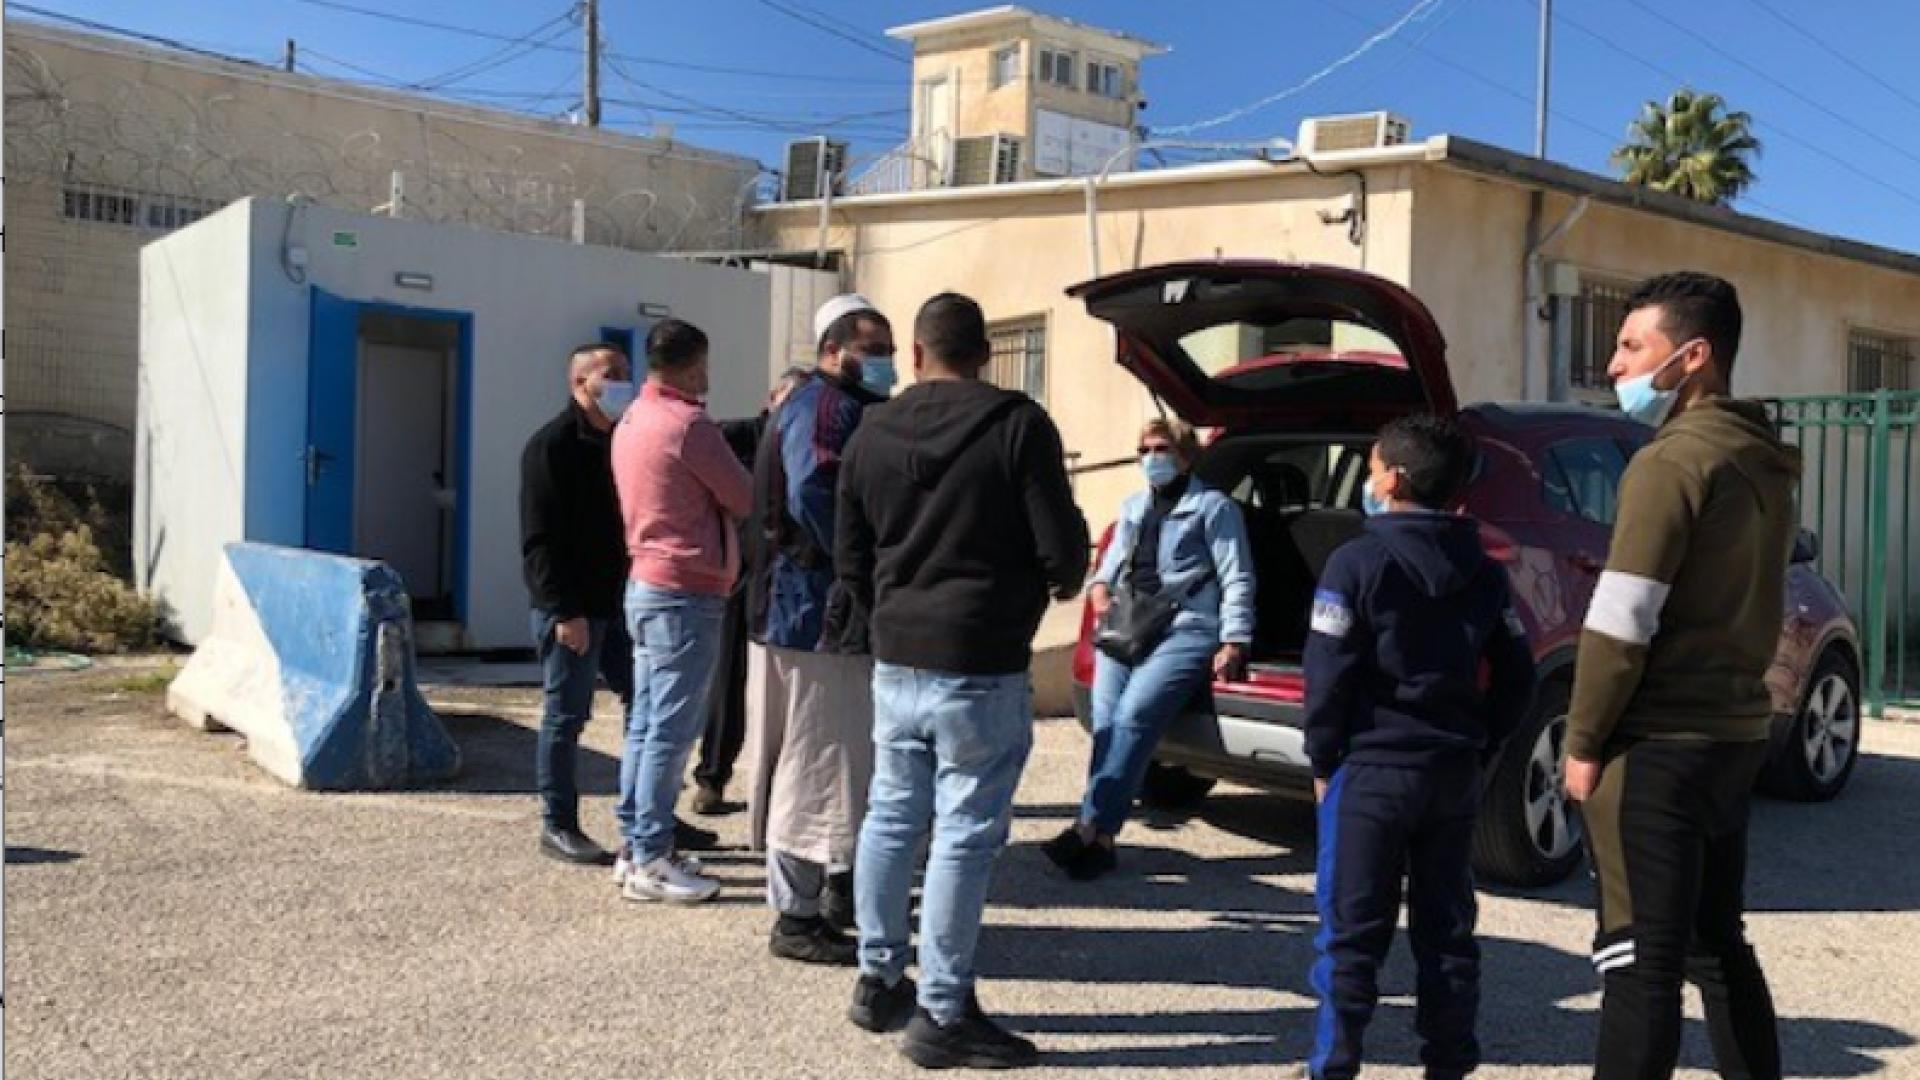 """מתנדבות מ""""ו משוחחות עם ממתינים למת""""ק עציון, 23.11.2020"""